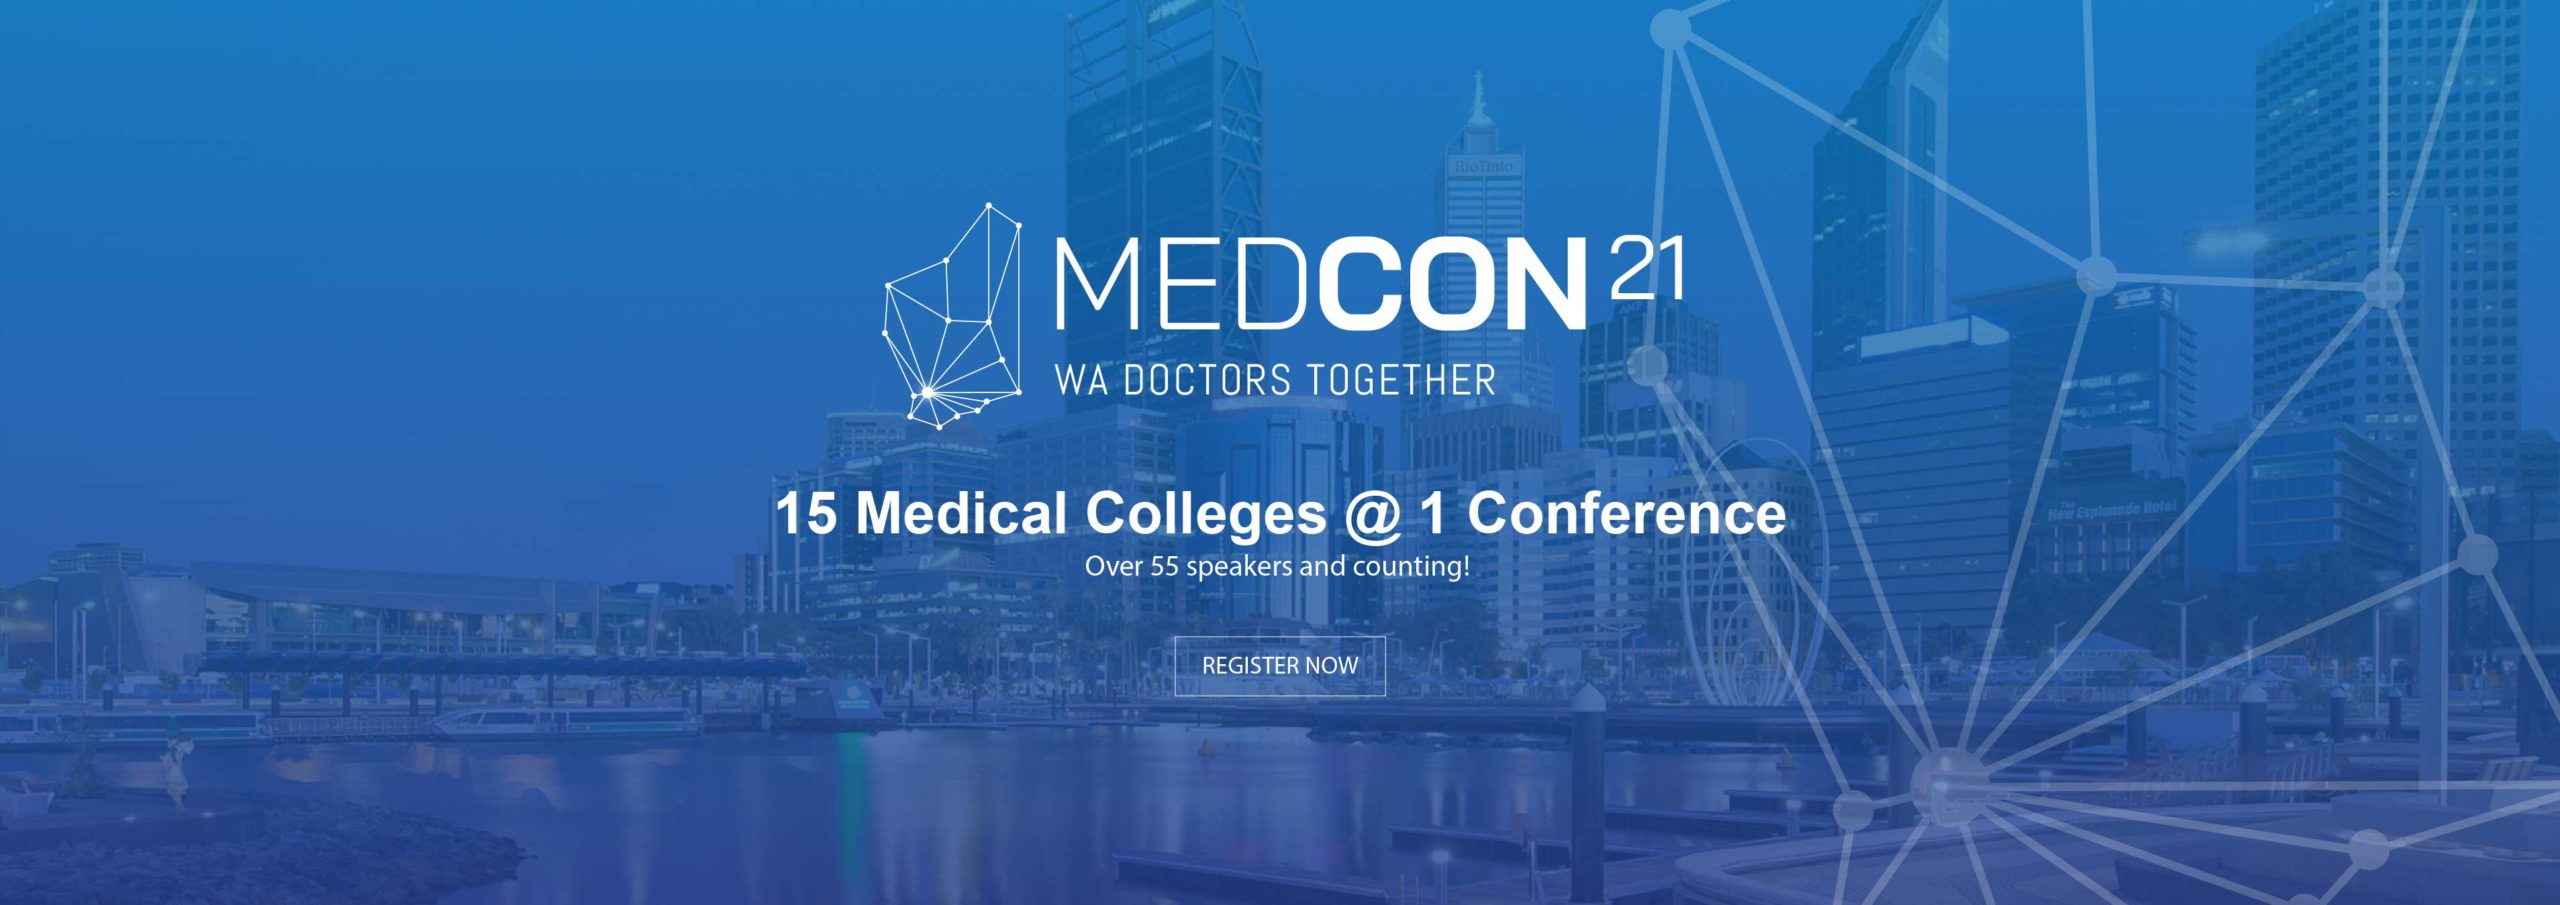 AMA Insurance | Medcon21 Header Banner